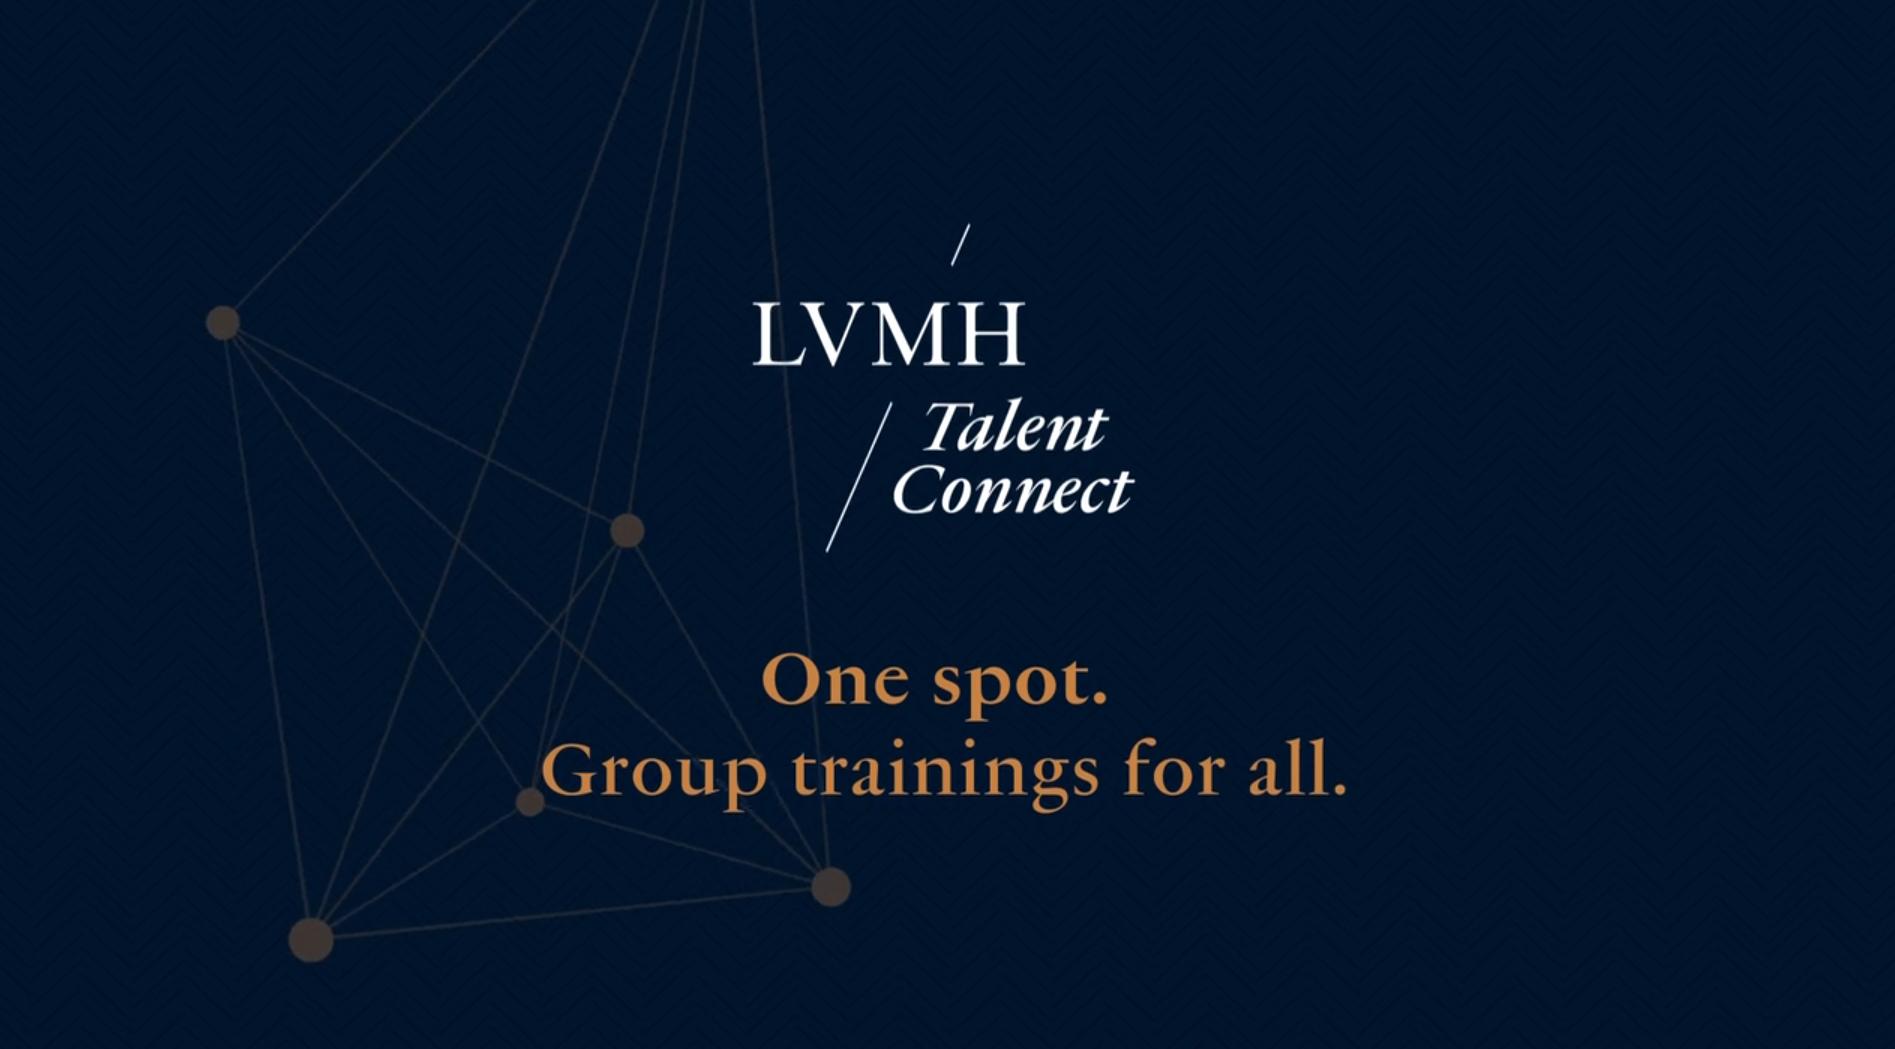 Le groupe LVMH choisit l'agence Gorille